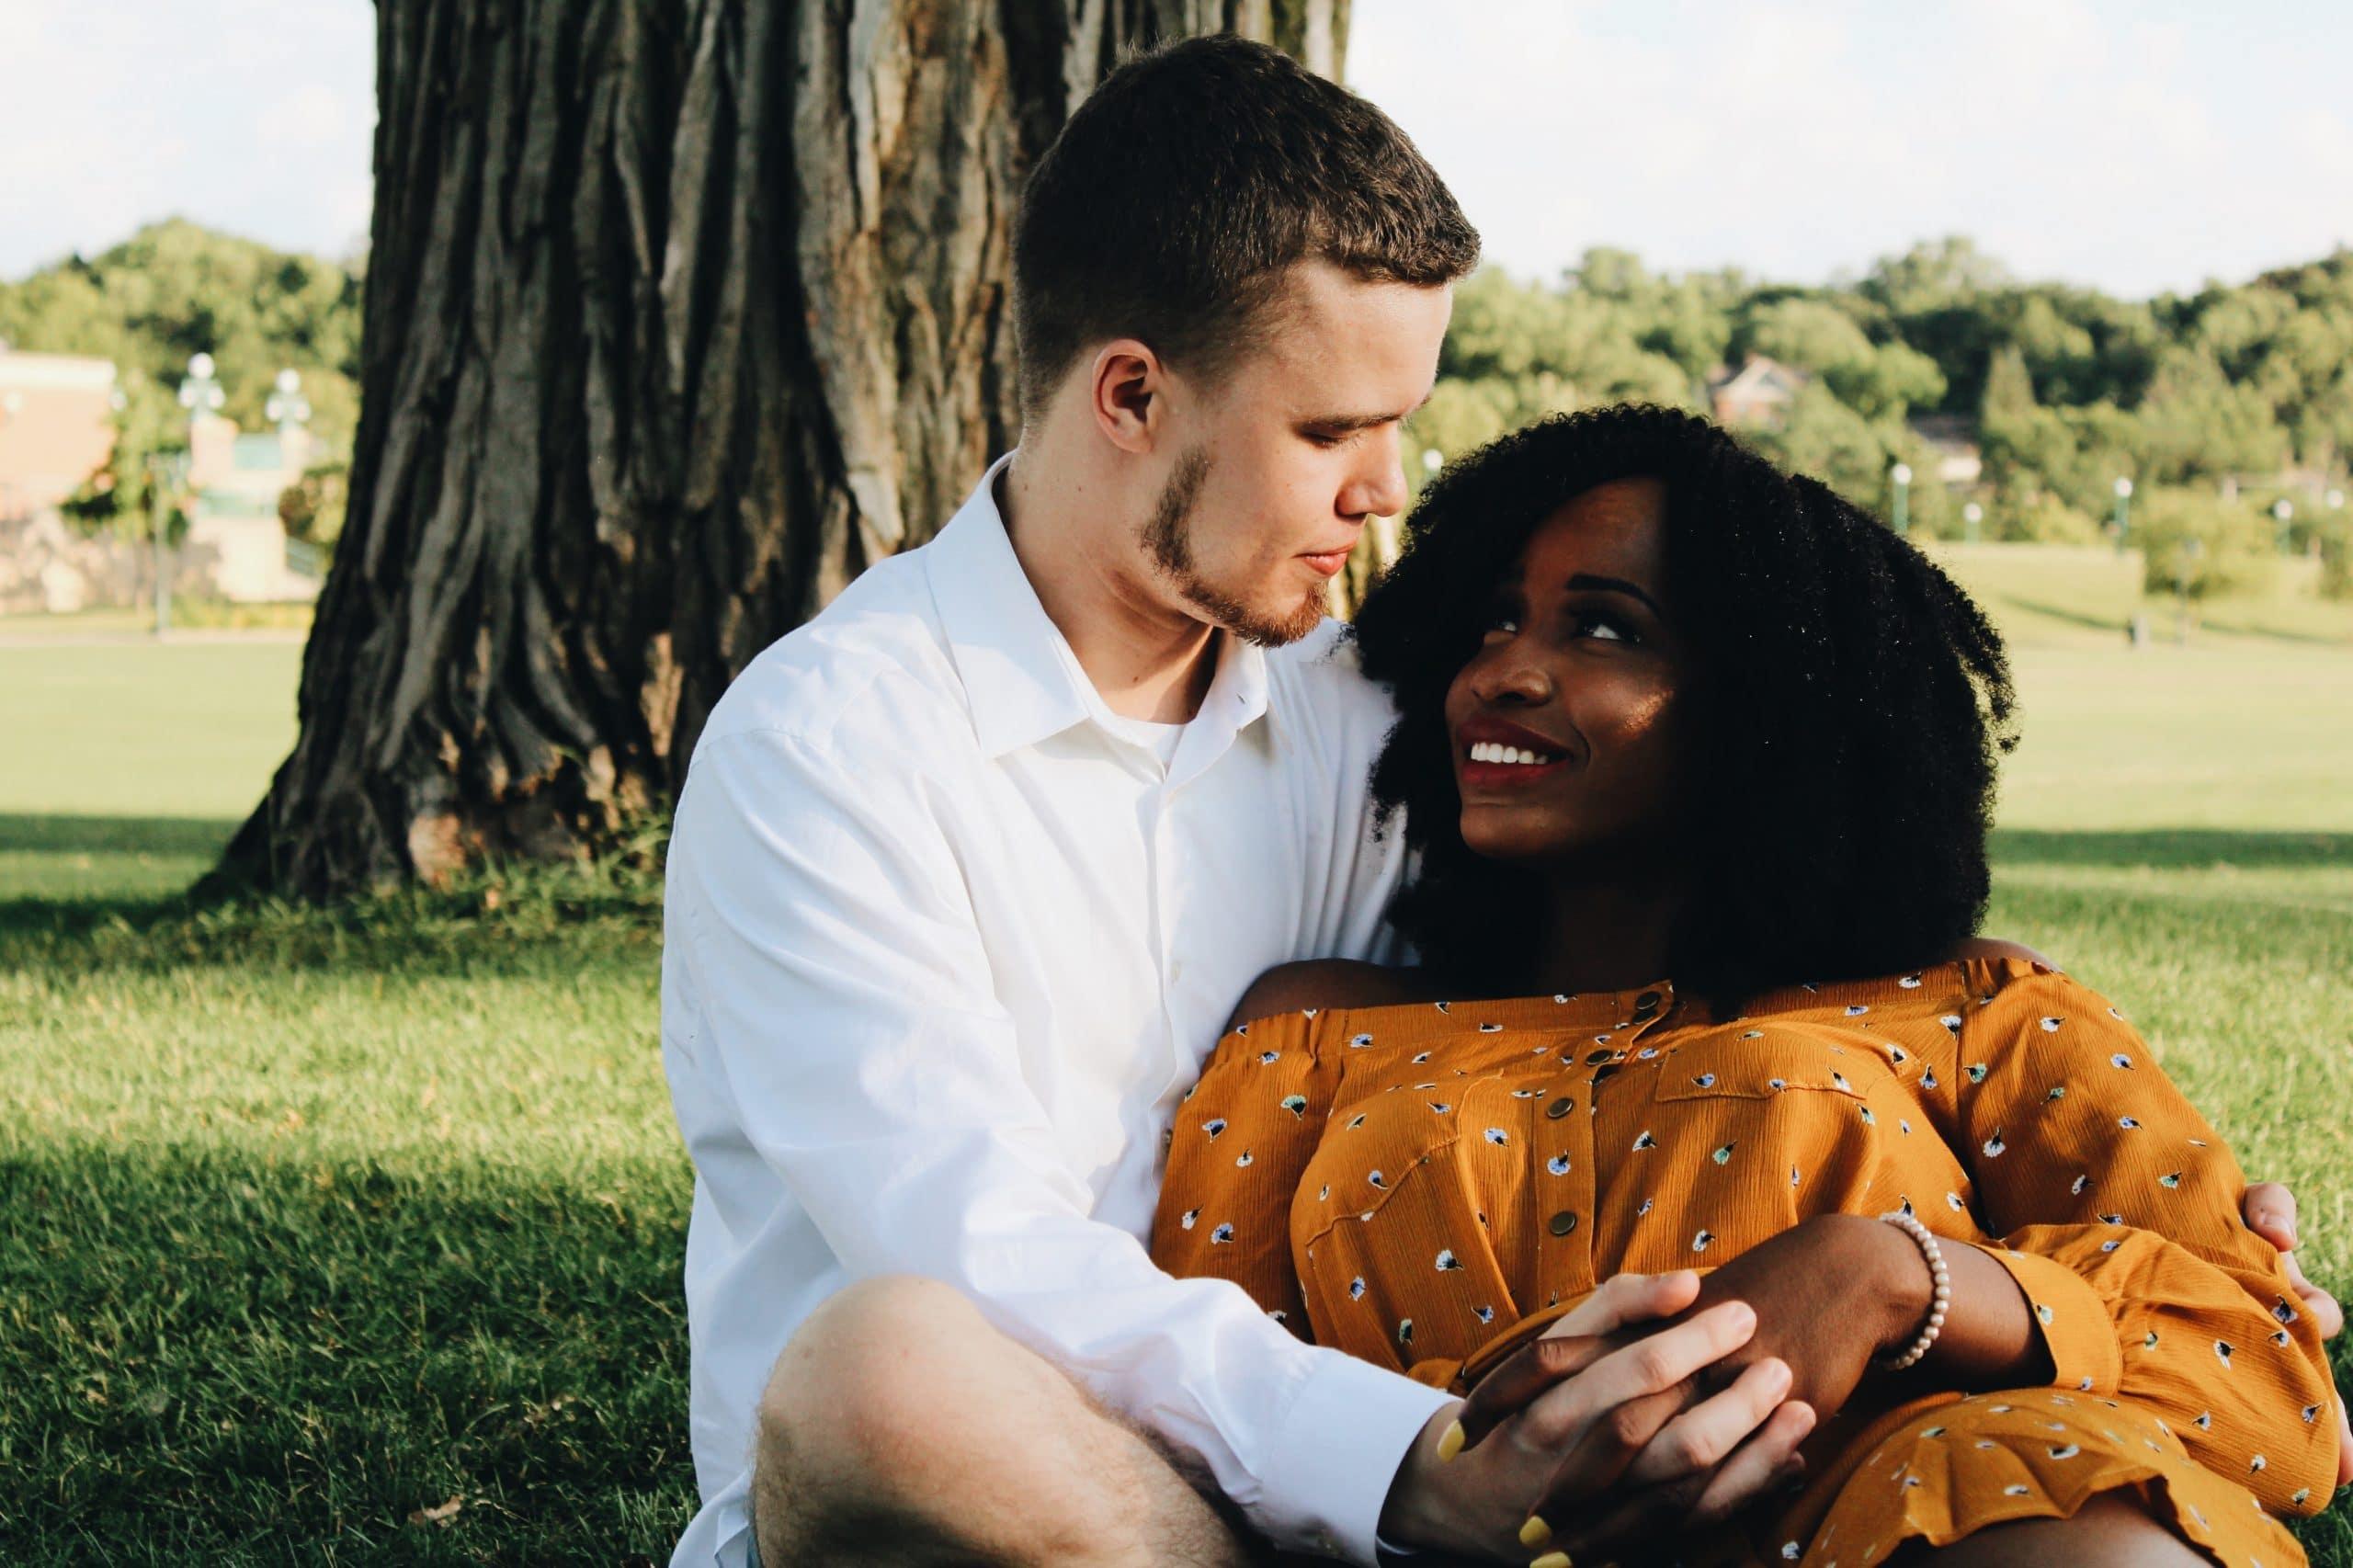 Casal sentado abraçado se olhando